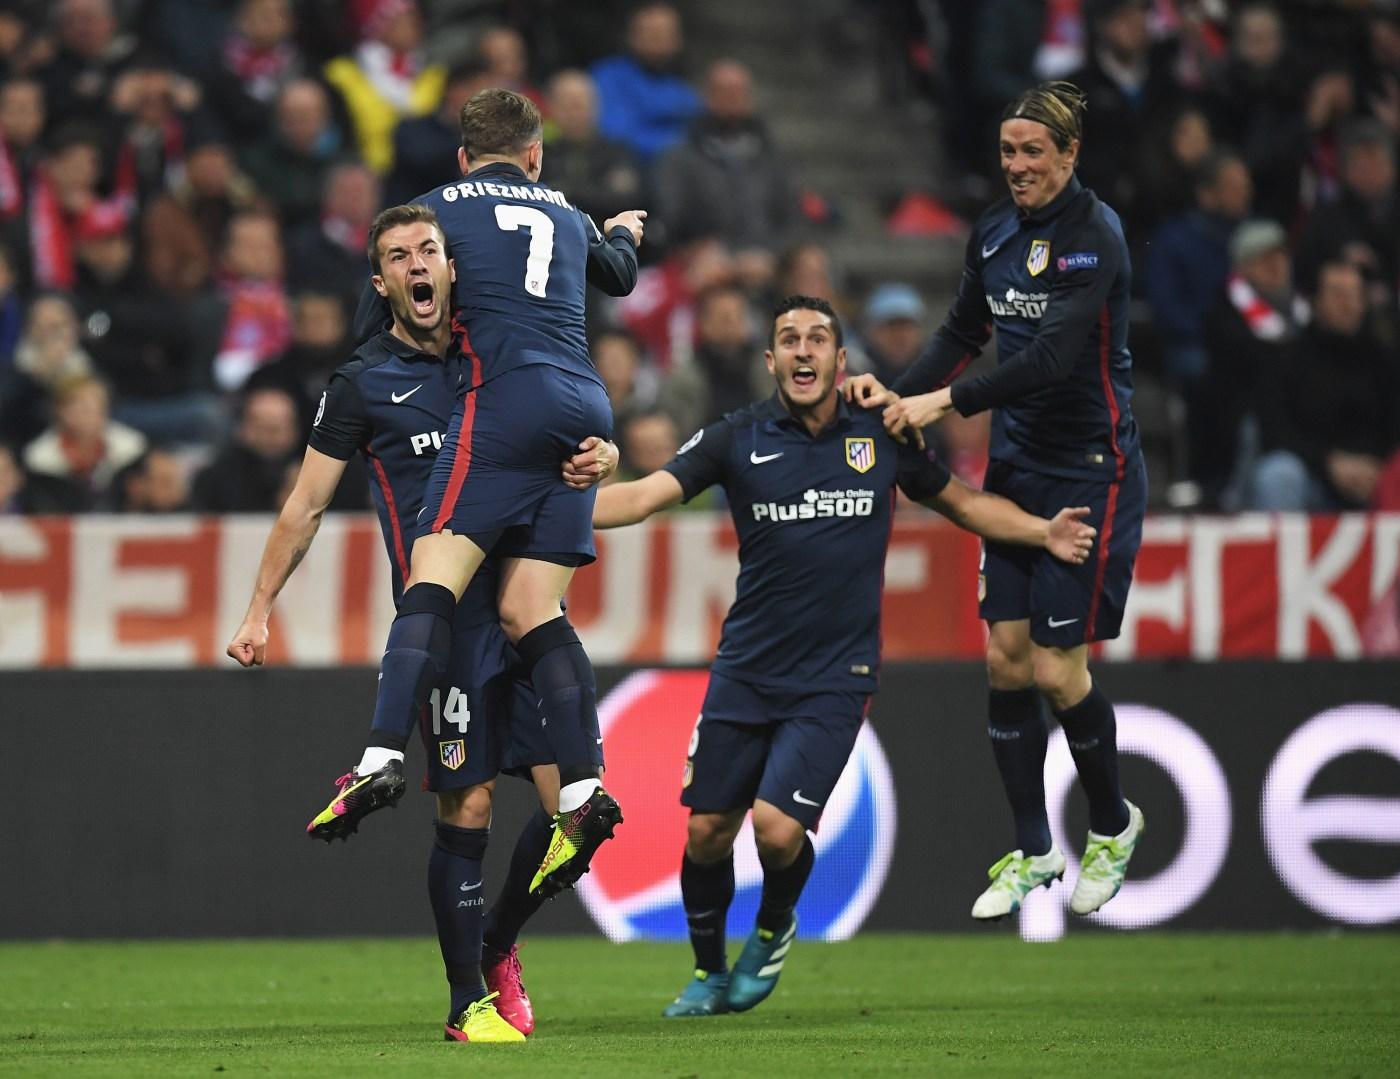 El Atlético de Madrid echa al Bayern con gol de Griezmann y va a la final  de la Champions   Deportes UEFA Champions League   TUDN Univision